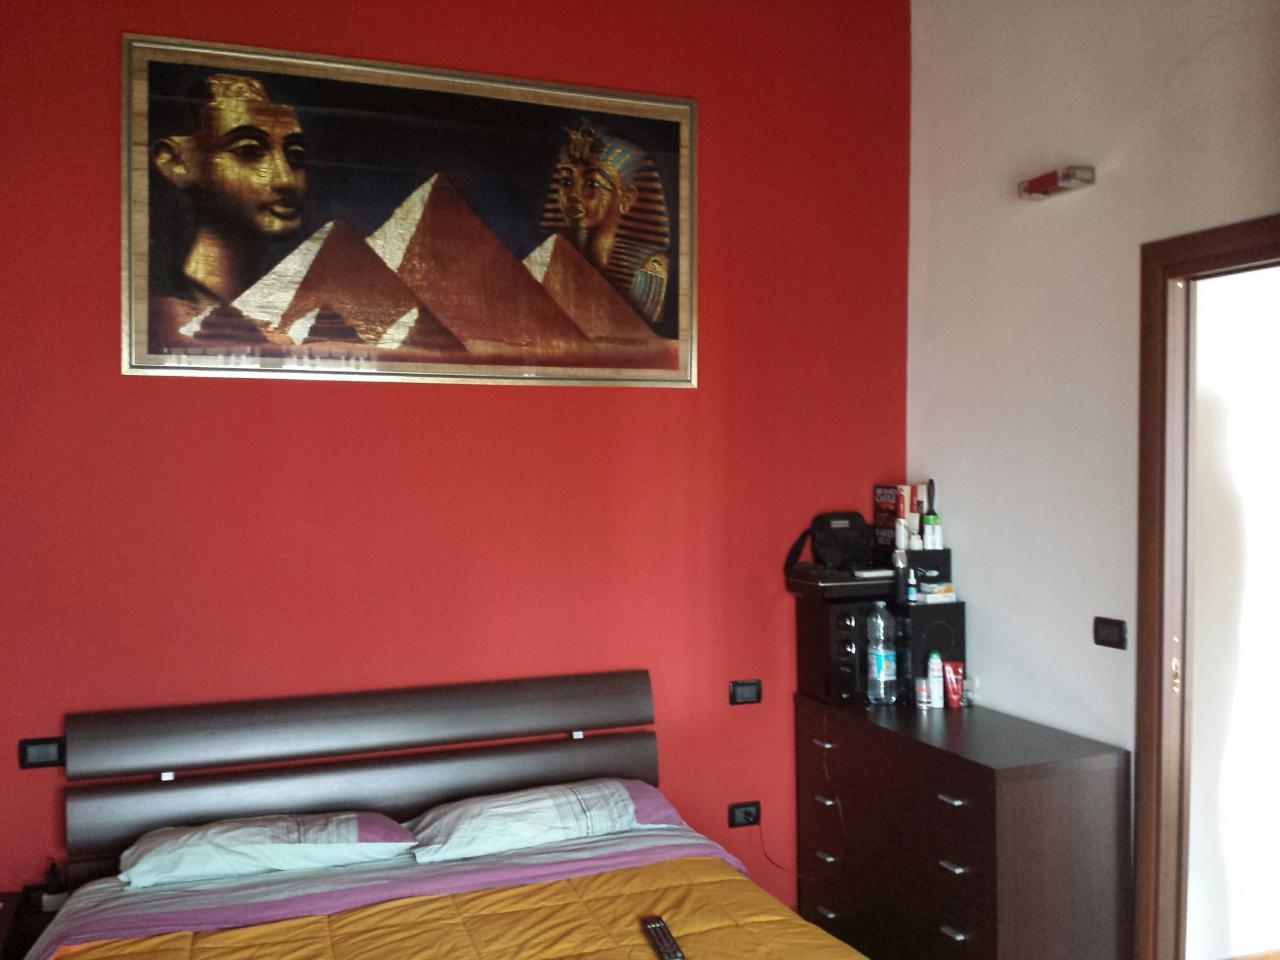 Appartamento in vendita a Pianella, 2 locali, zona Località: LocalitàCerratina, prezzo € 78.000   Cambio Casa.it